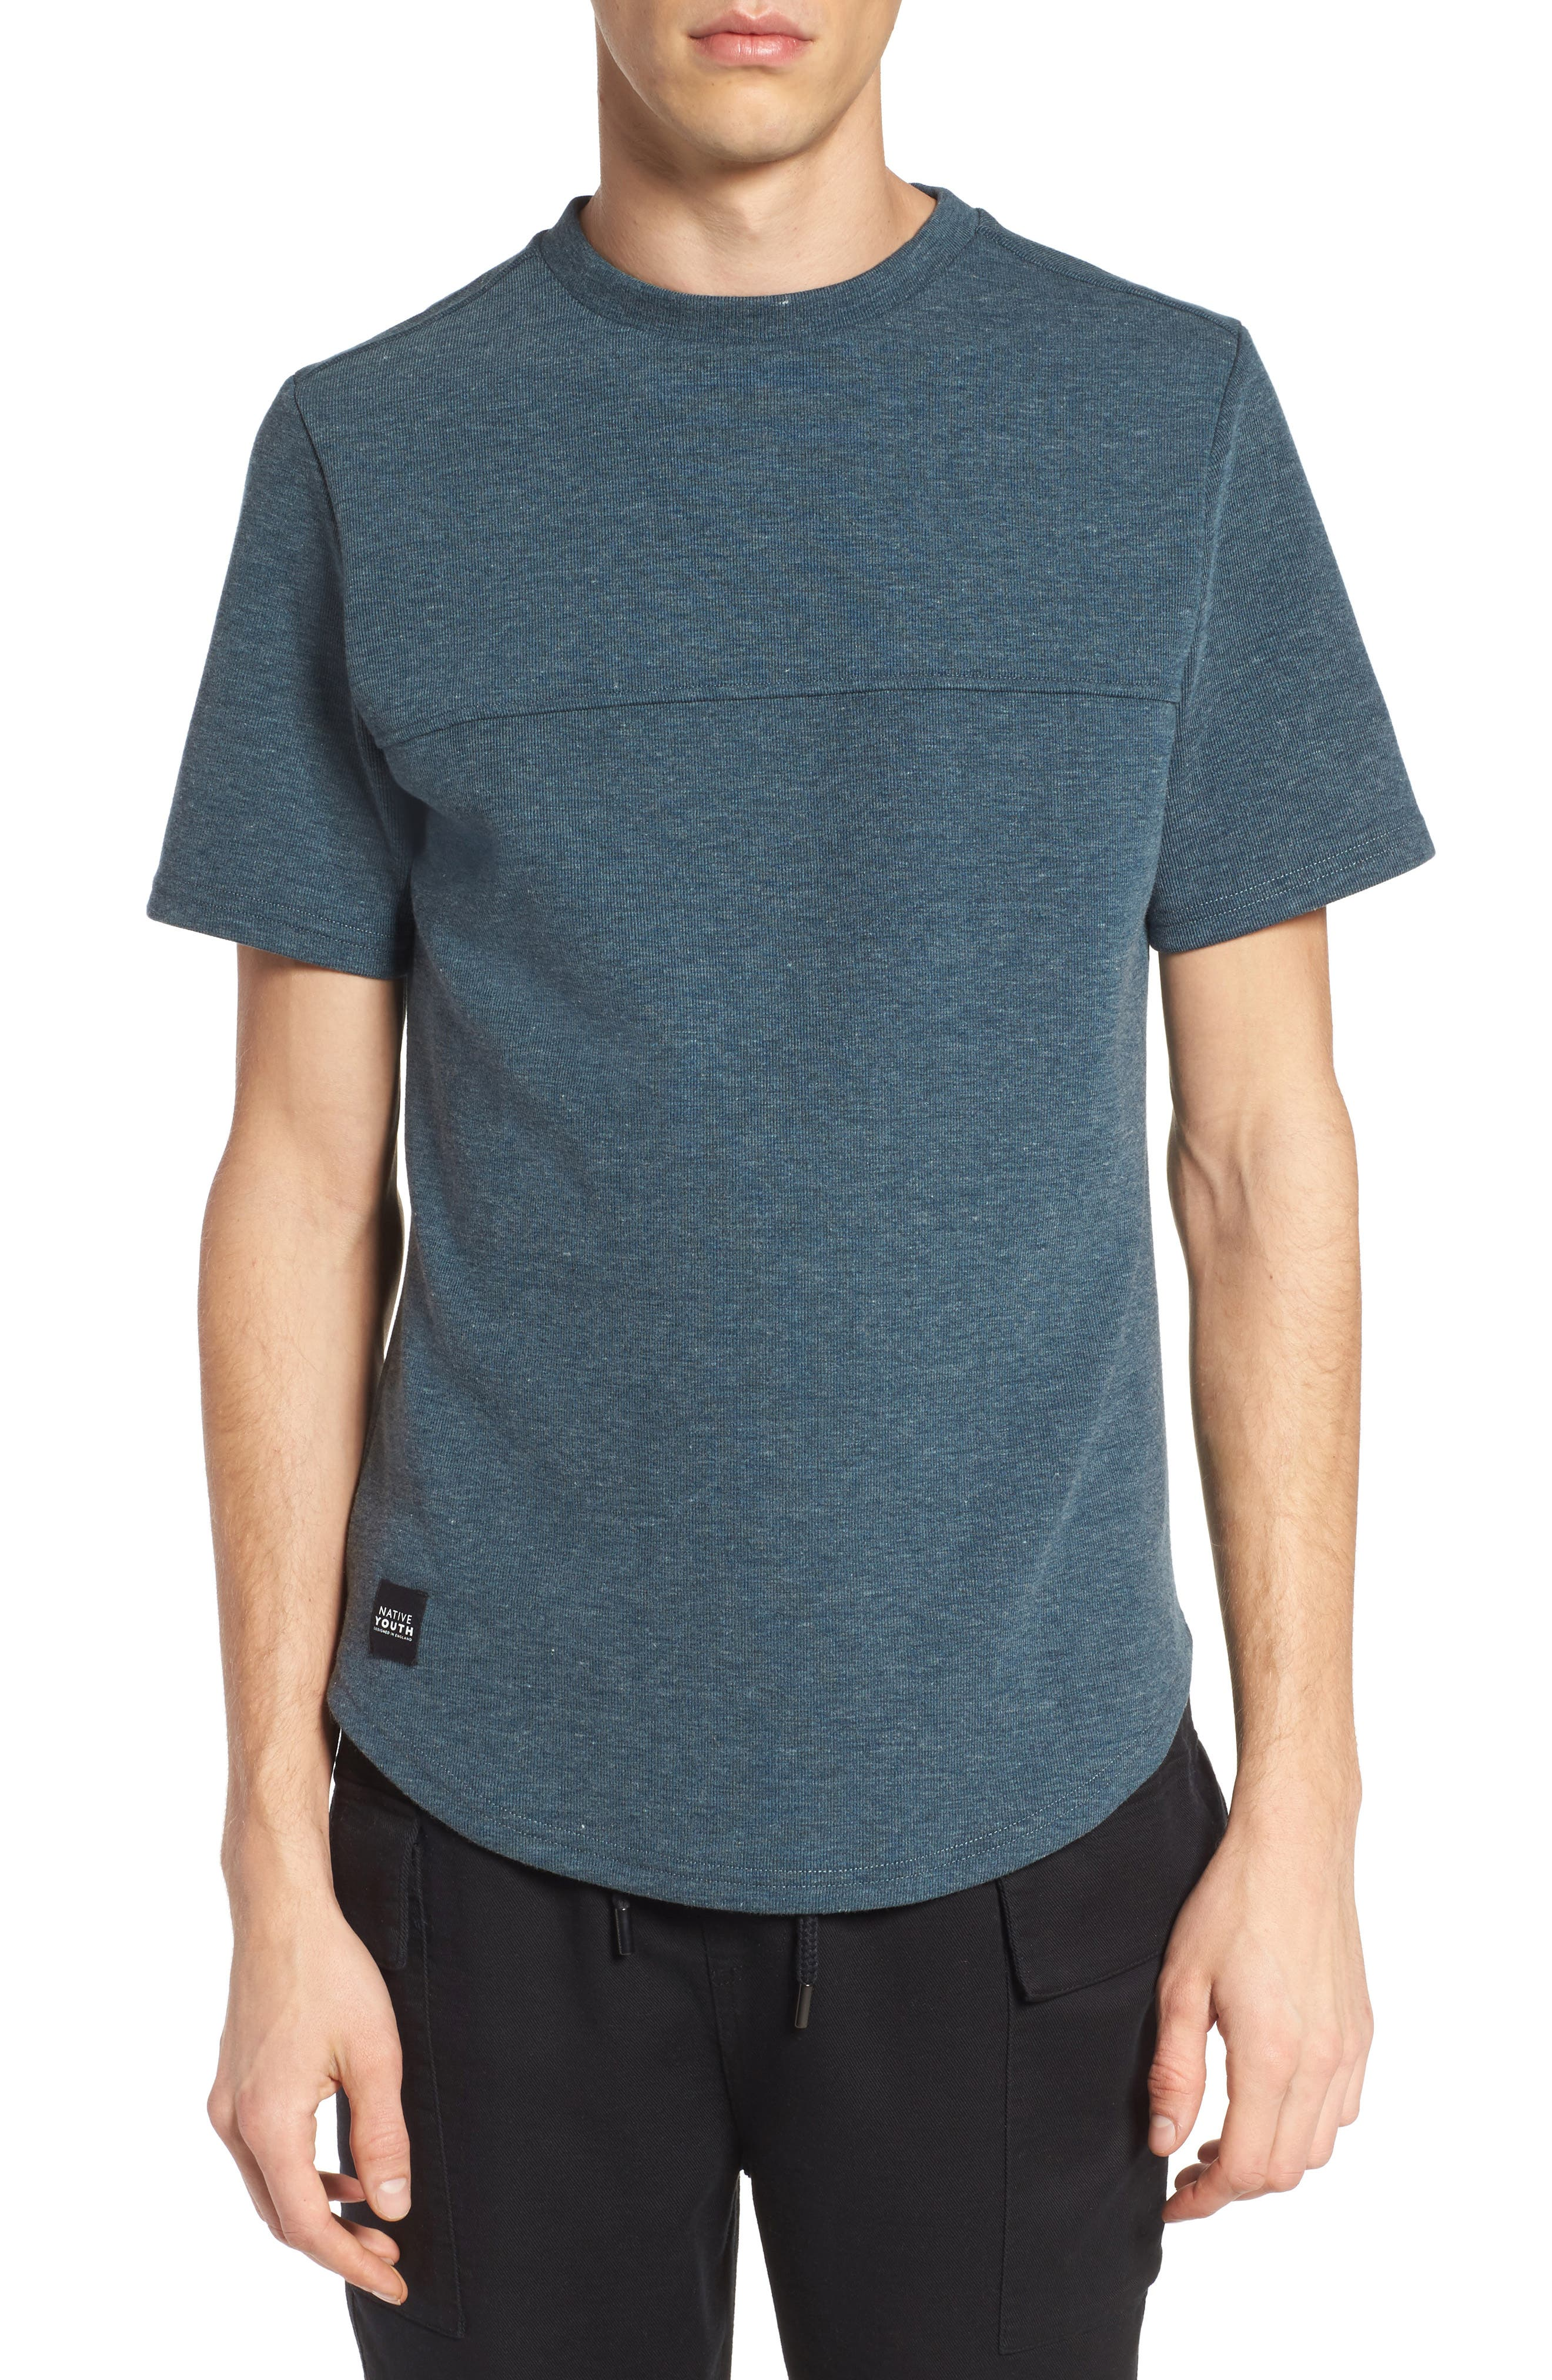 Onyx T-Shirt,                             Main thumbnail 1, color,                             Teal